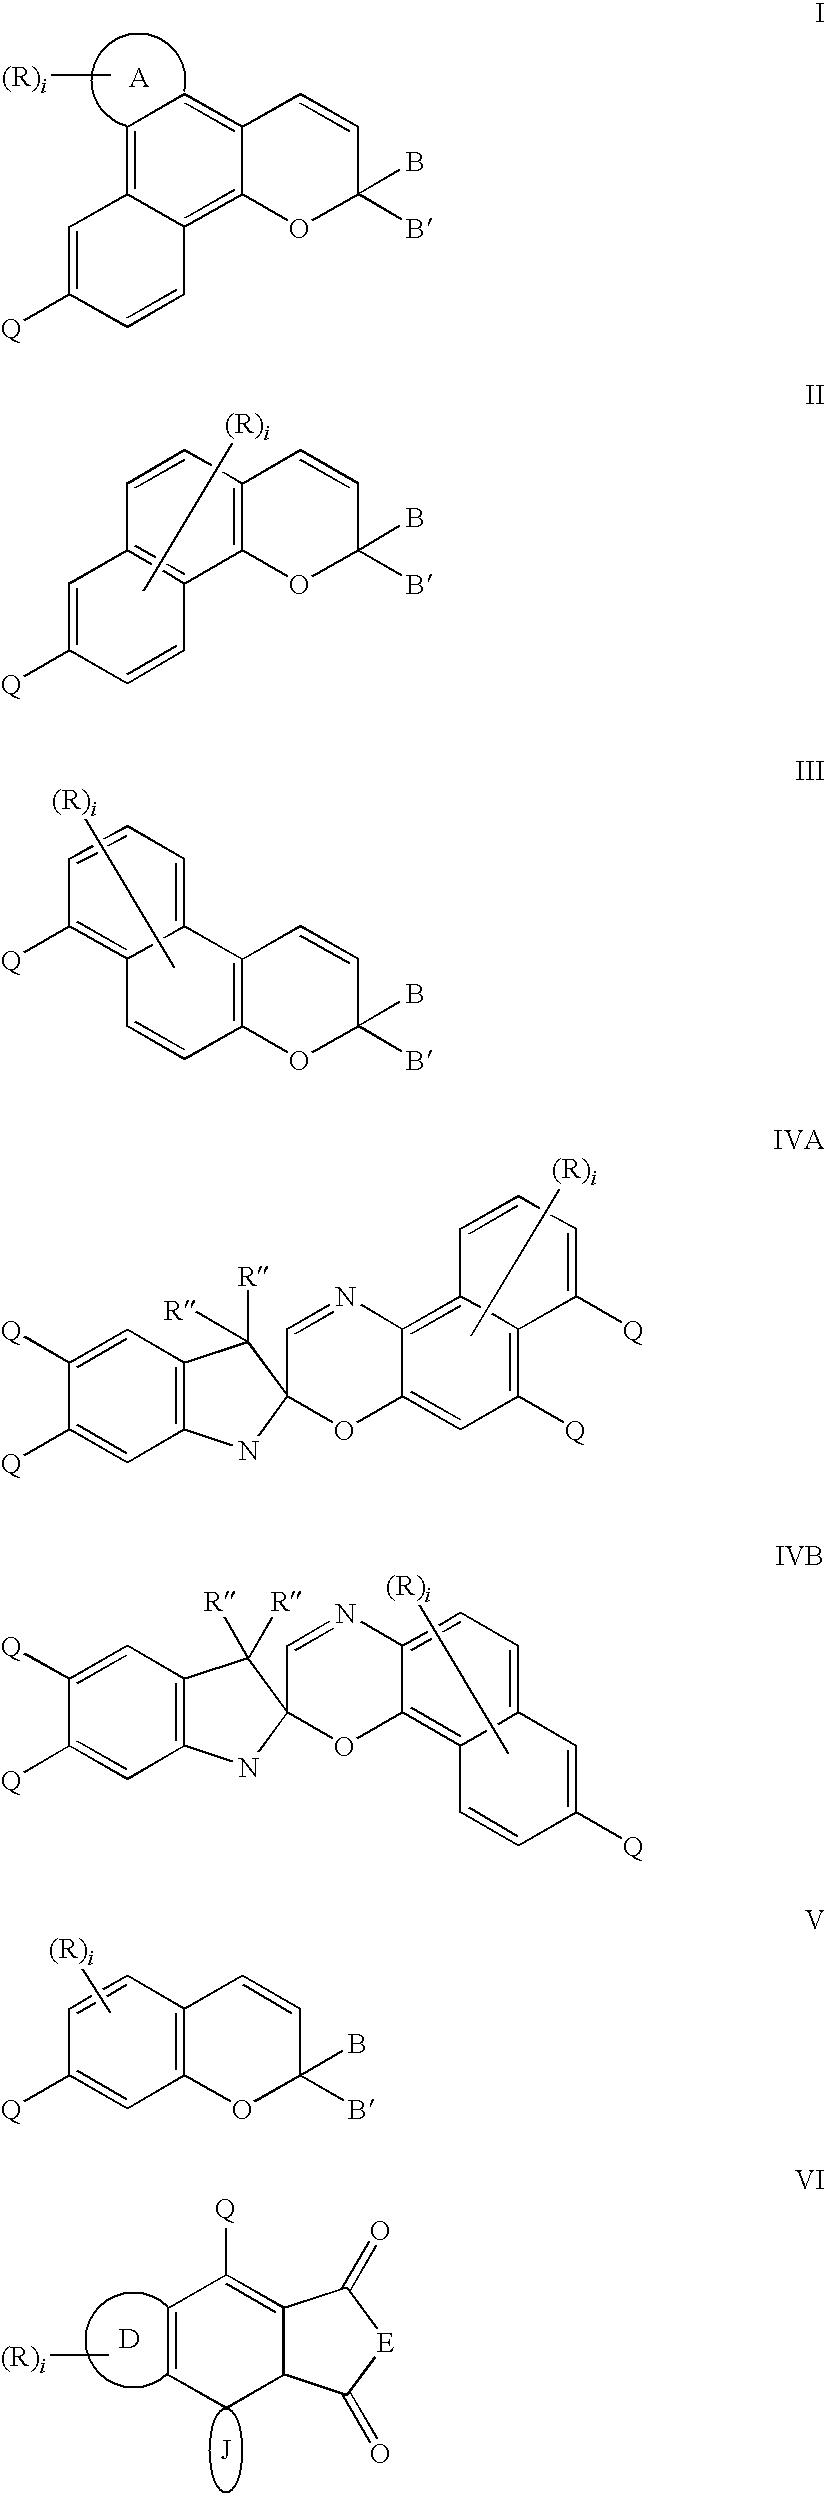 Figure US20090309076A1-20091217-C00001